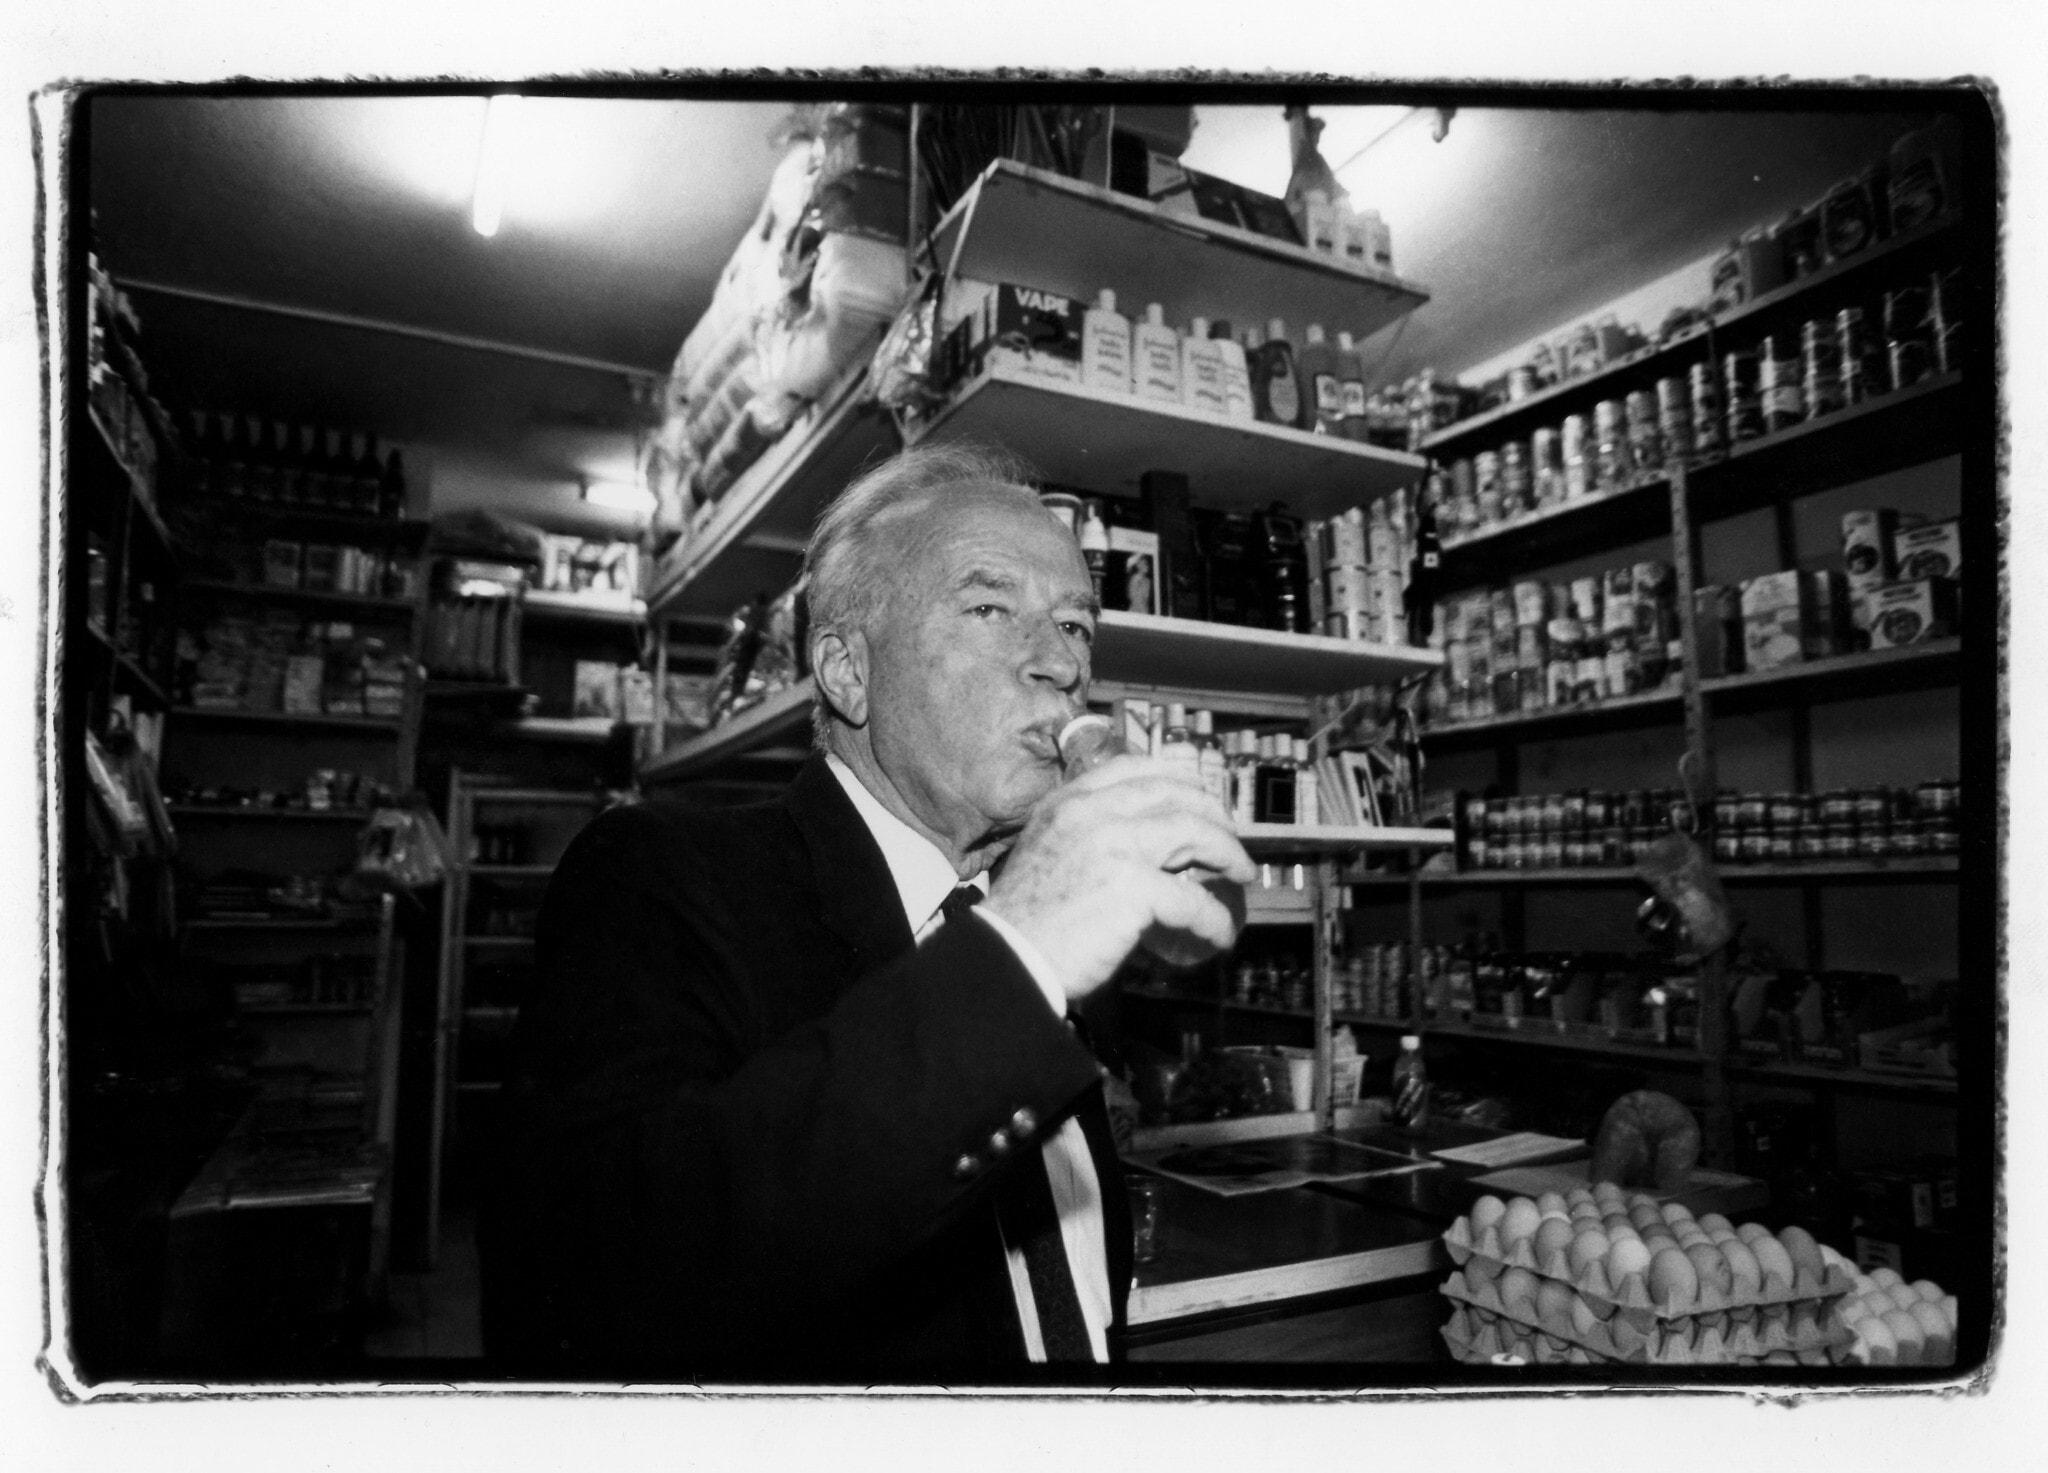 יצחק רבין מבקר בחנות מכולת בתל אביב, 3 בינואר 1992 (צילום: משה שי/פלאש90)